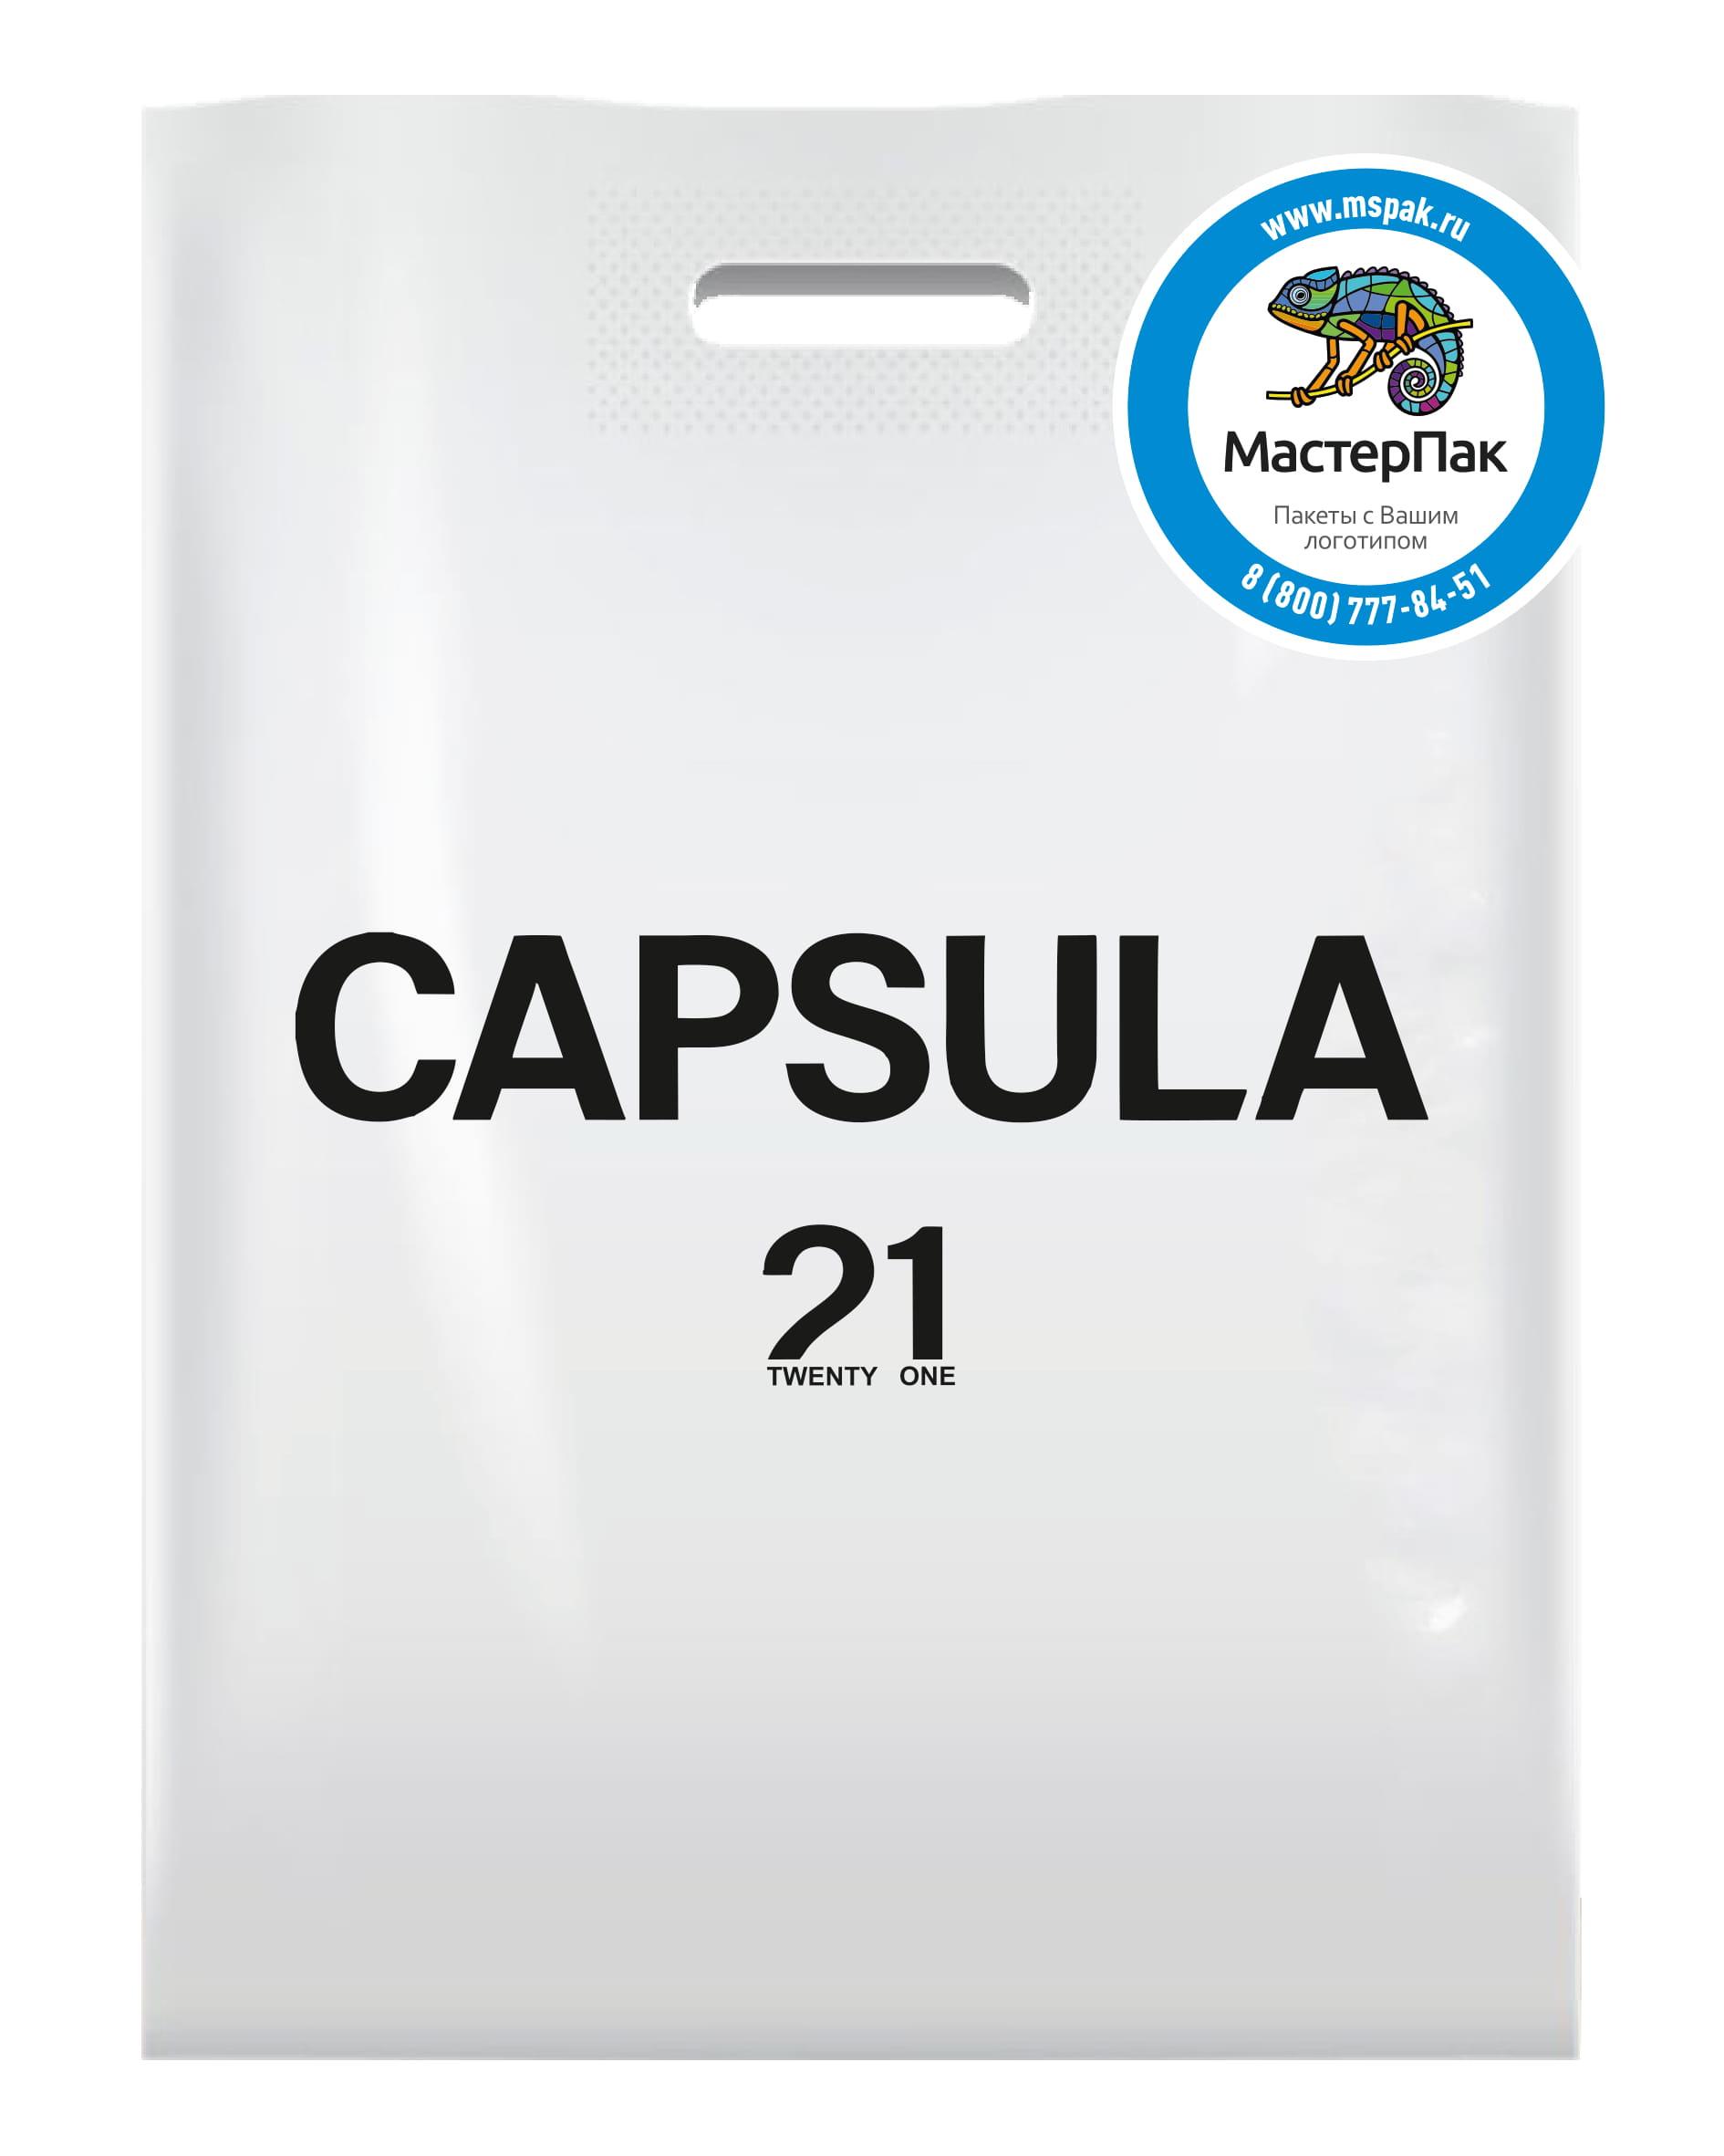 Пакет ПВД с вырубной ручкой и логотипом магазина Capsula 21, Москва